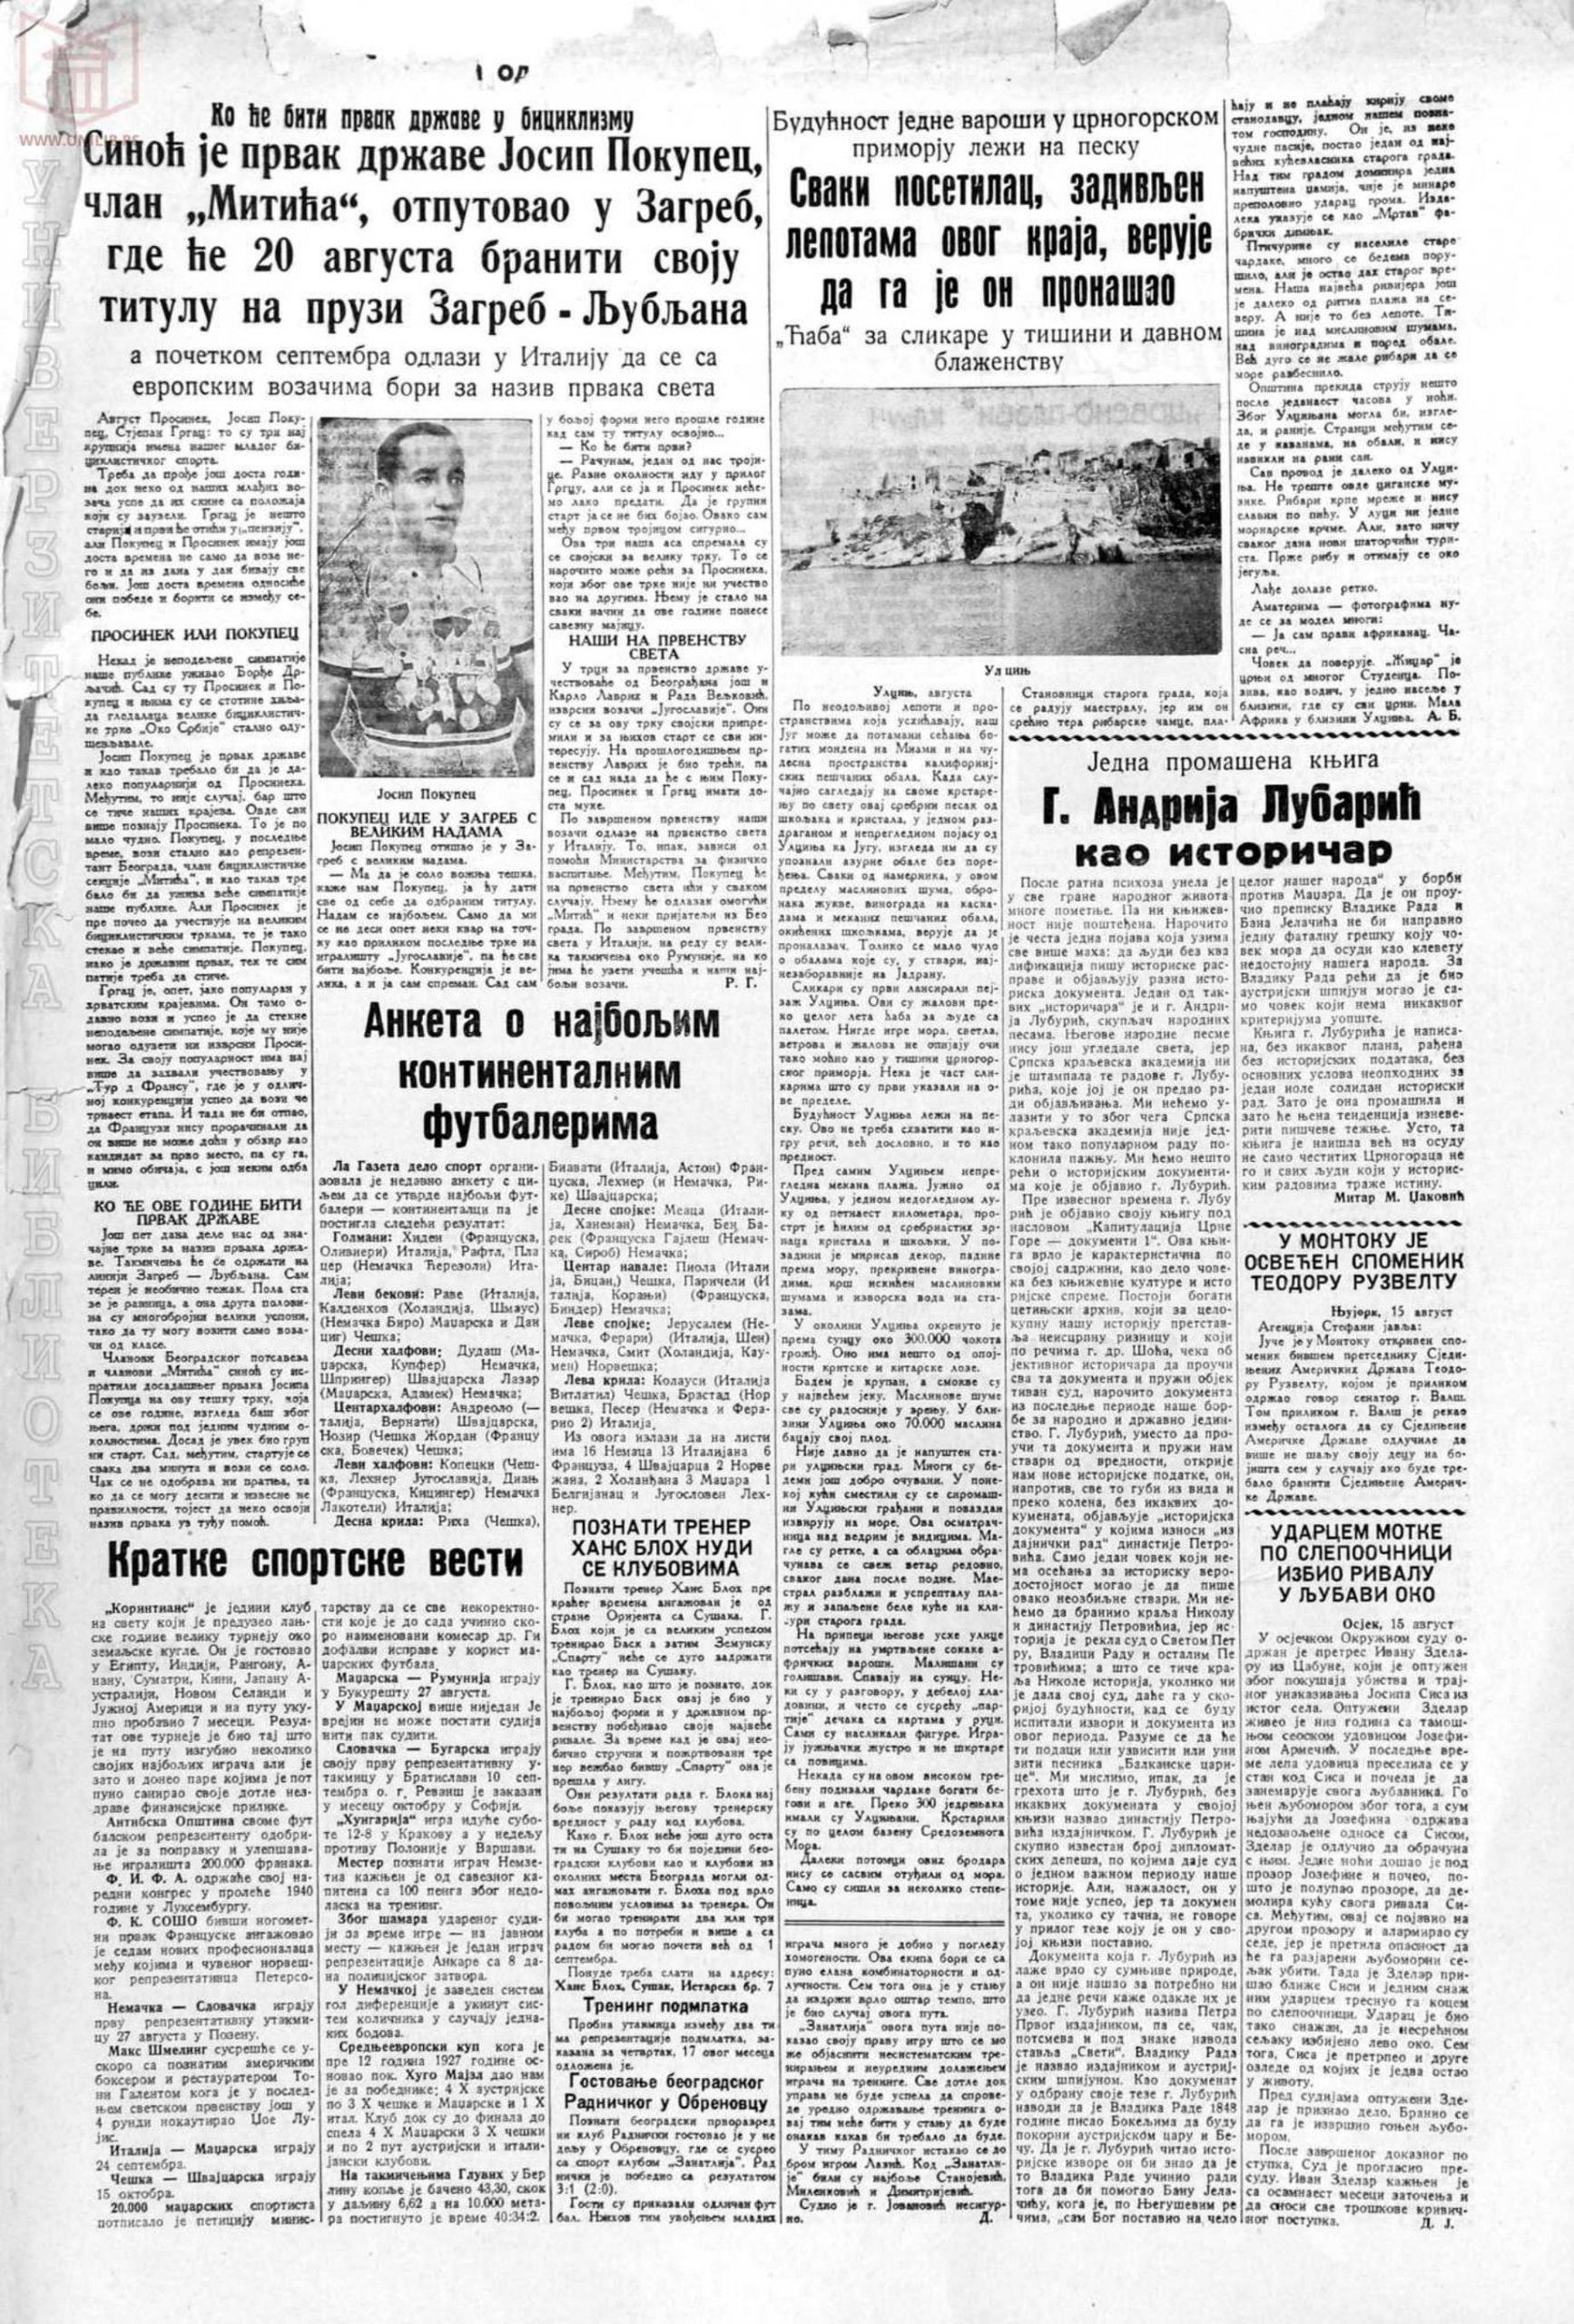 Pravda 1939-08-16 p10-1